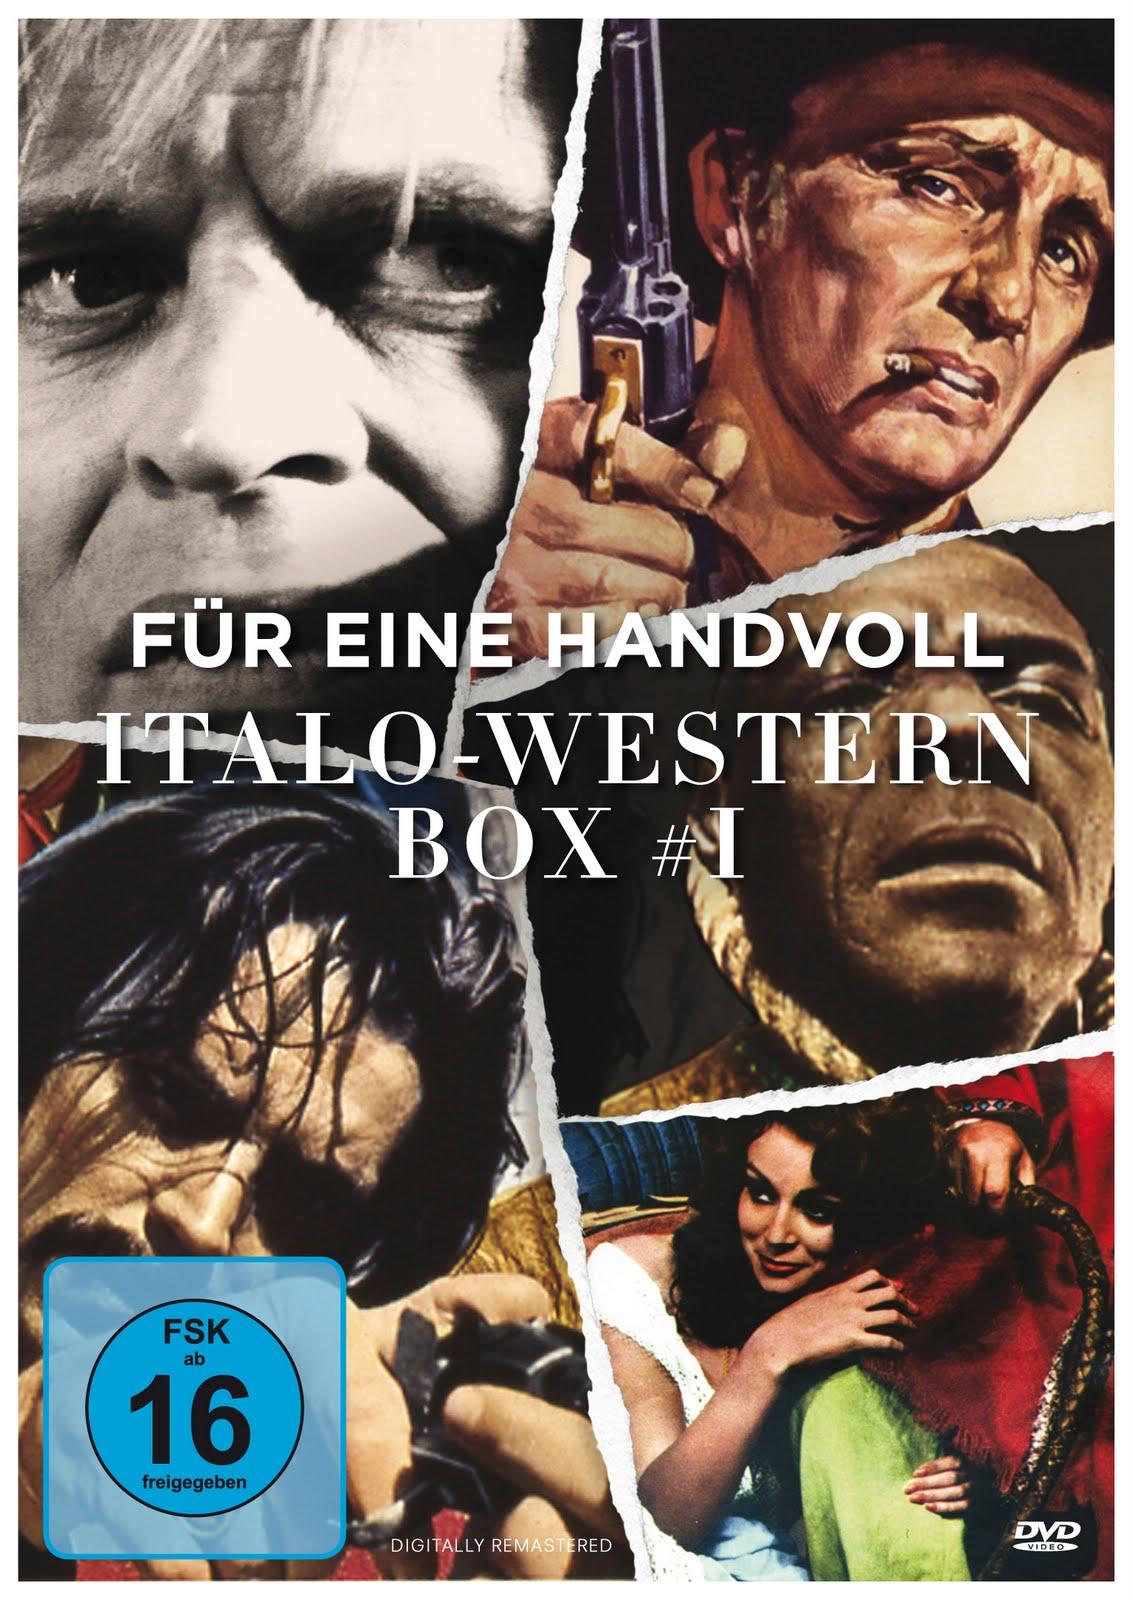 http://4.bp.blogspot.com/_Wg5LdQhYOLw/TCc0GaRhnwI/AAAAAAAAASU/WTHqUUKBE6I/s1600/F%C3%BCr+eine+Handvoll+Italo-Western.jpg